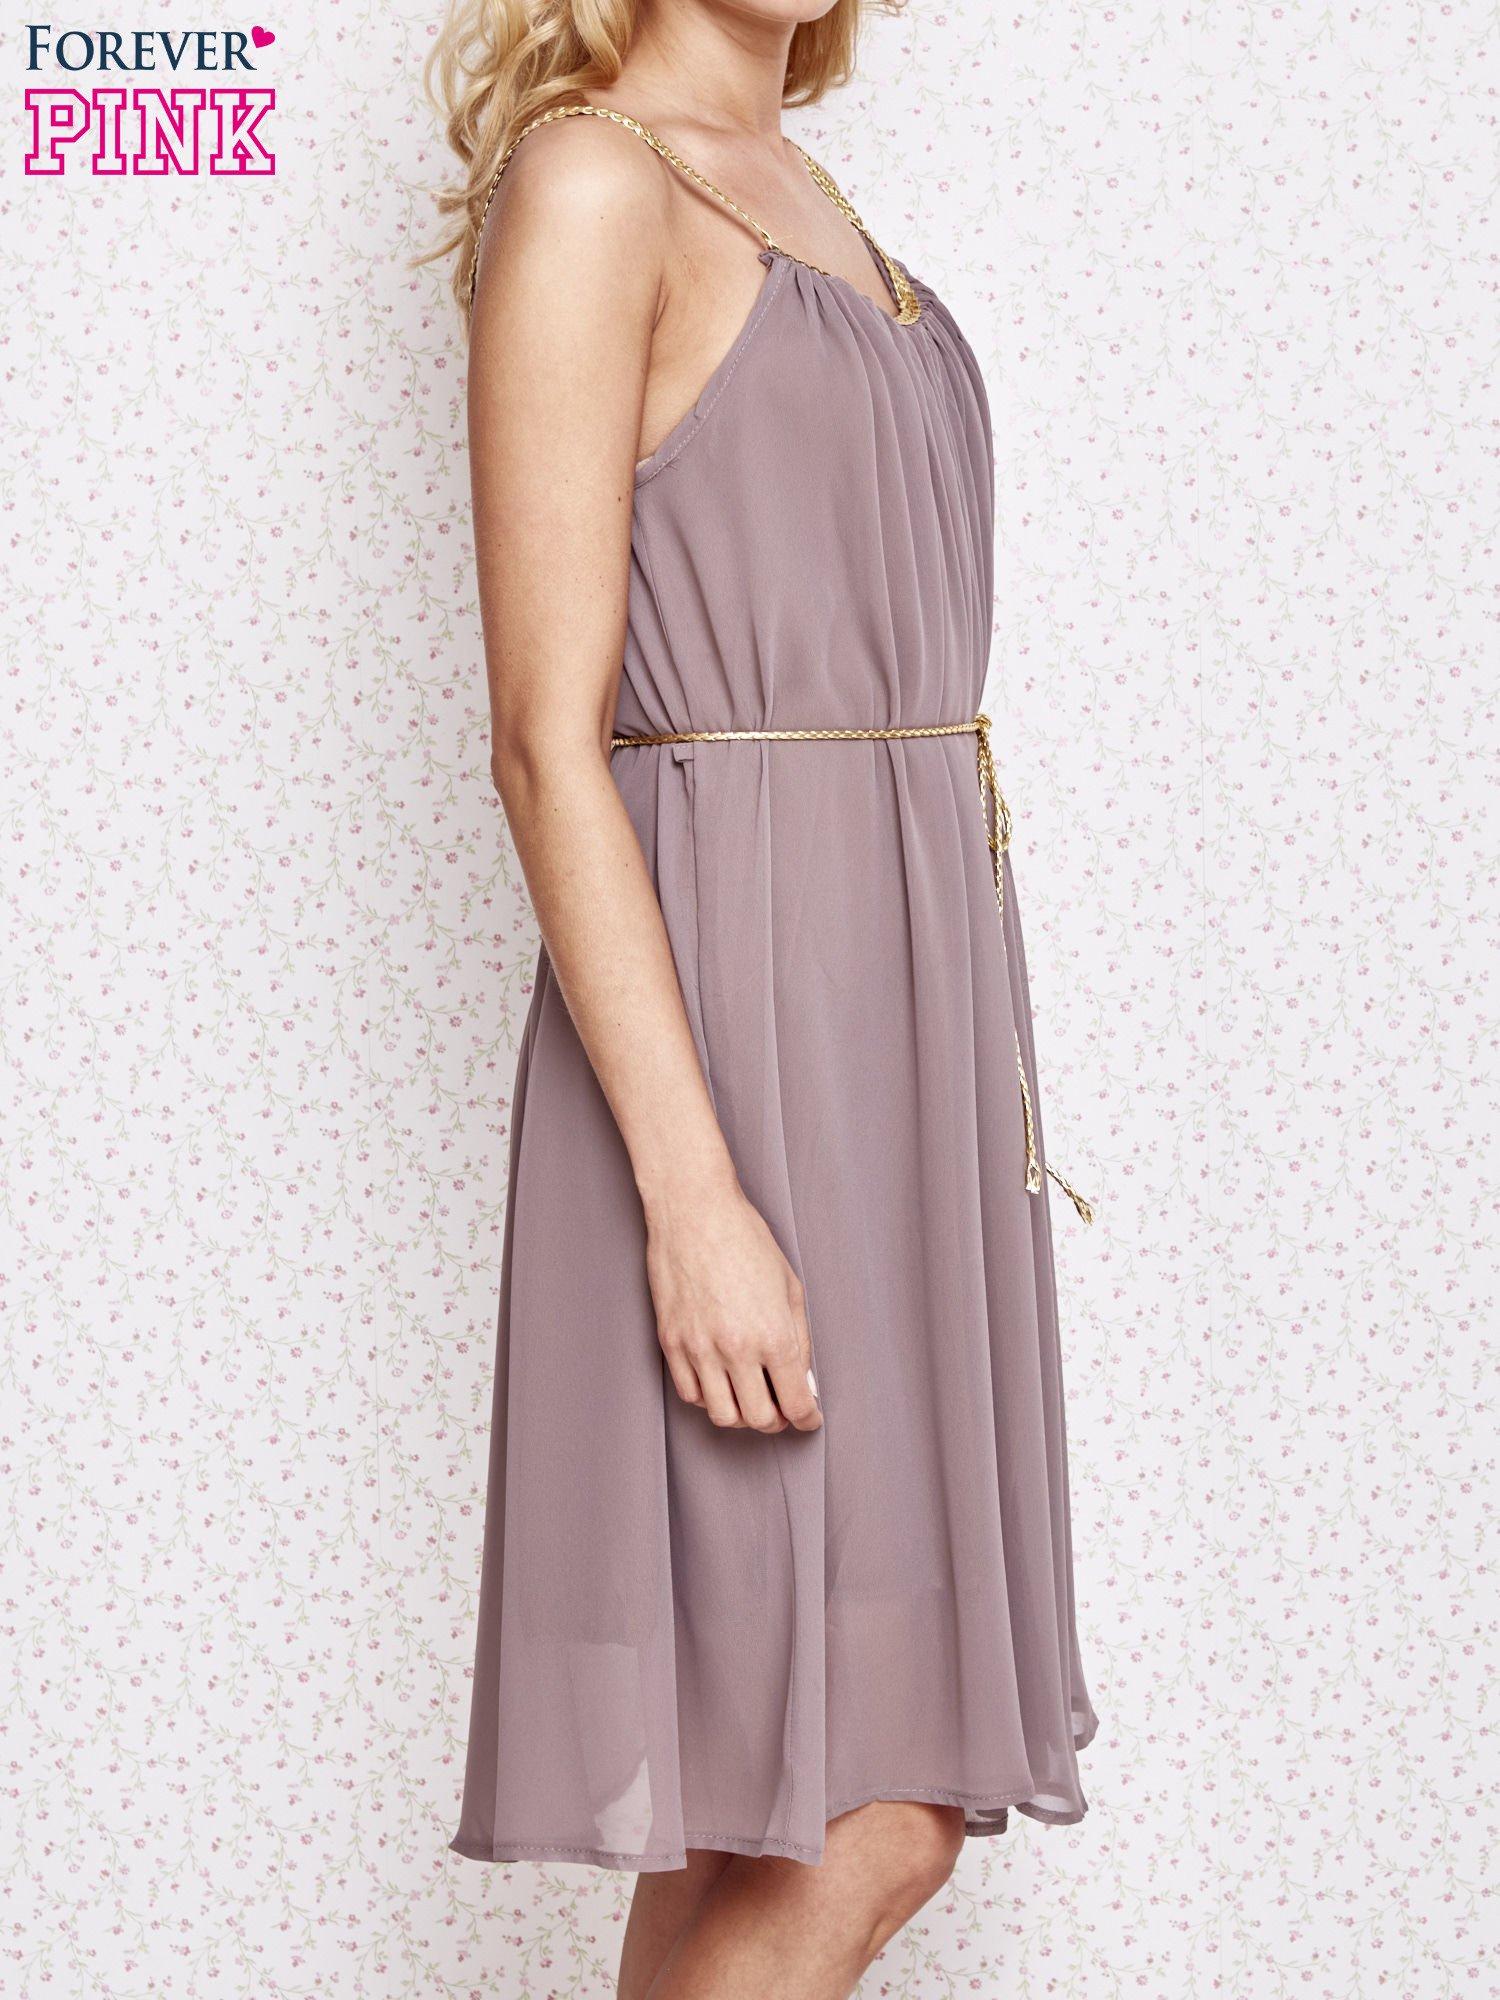 Brązowa grecka sukienka ze złotym paskiem                                  zdj.                                  3